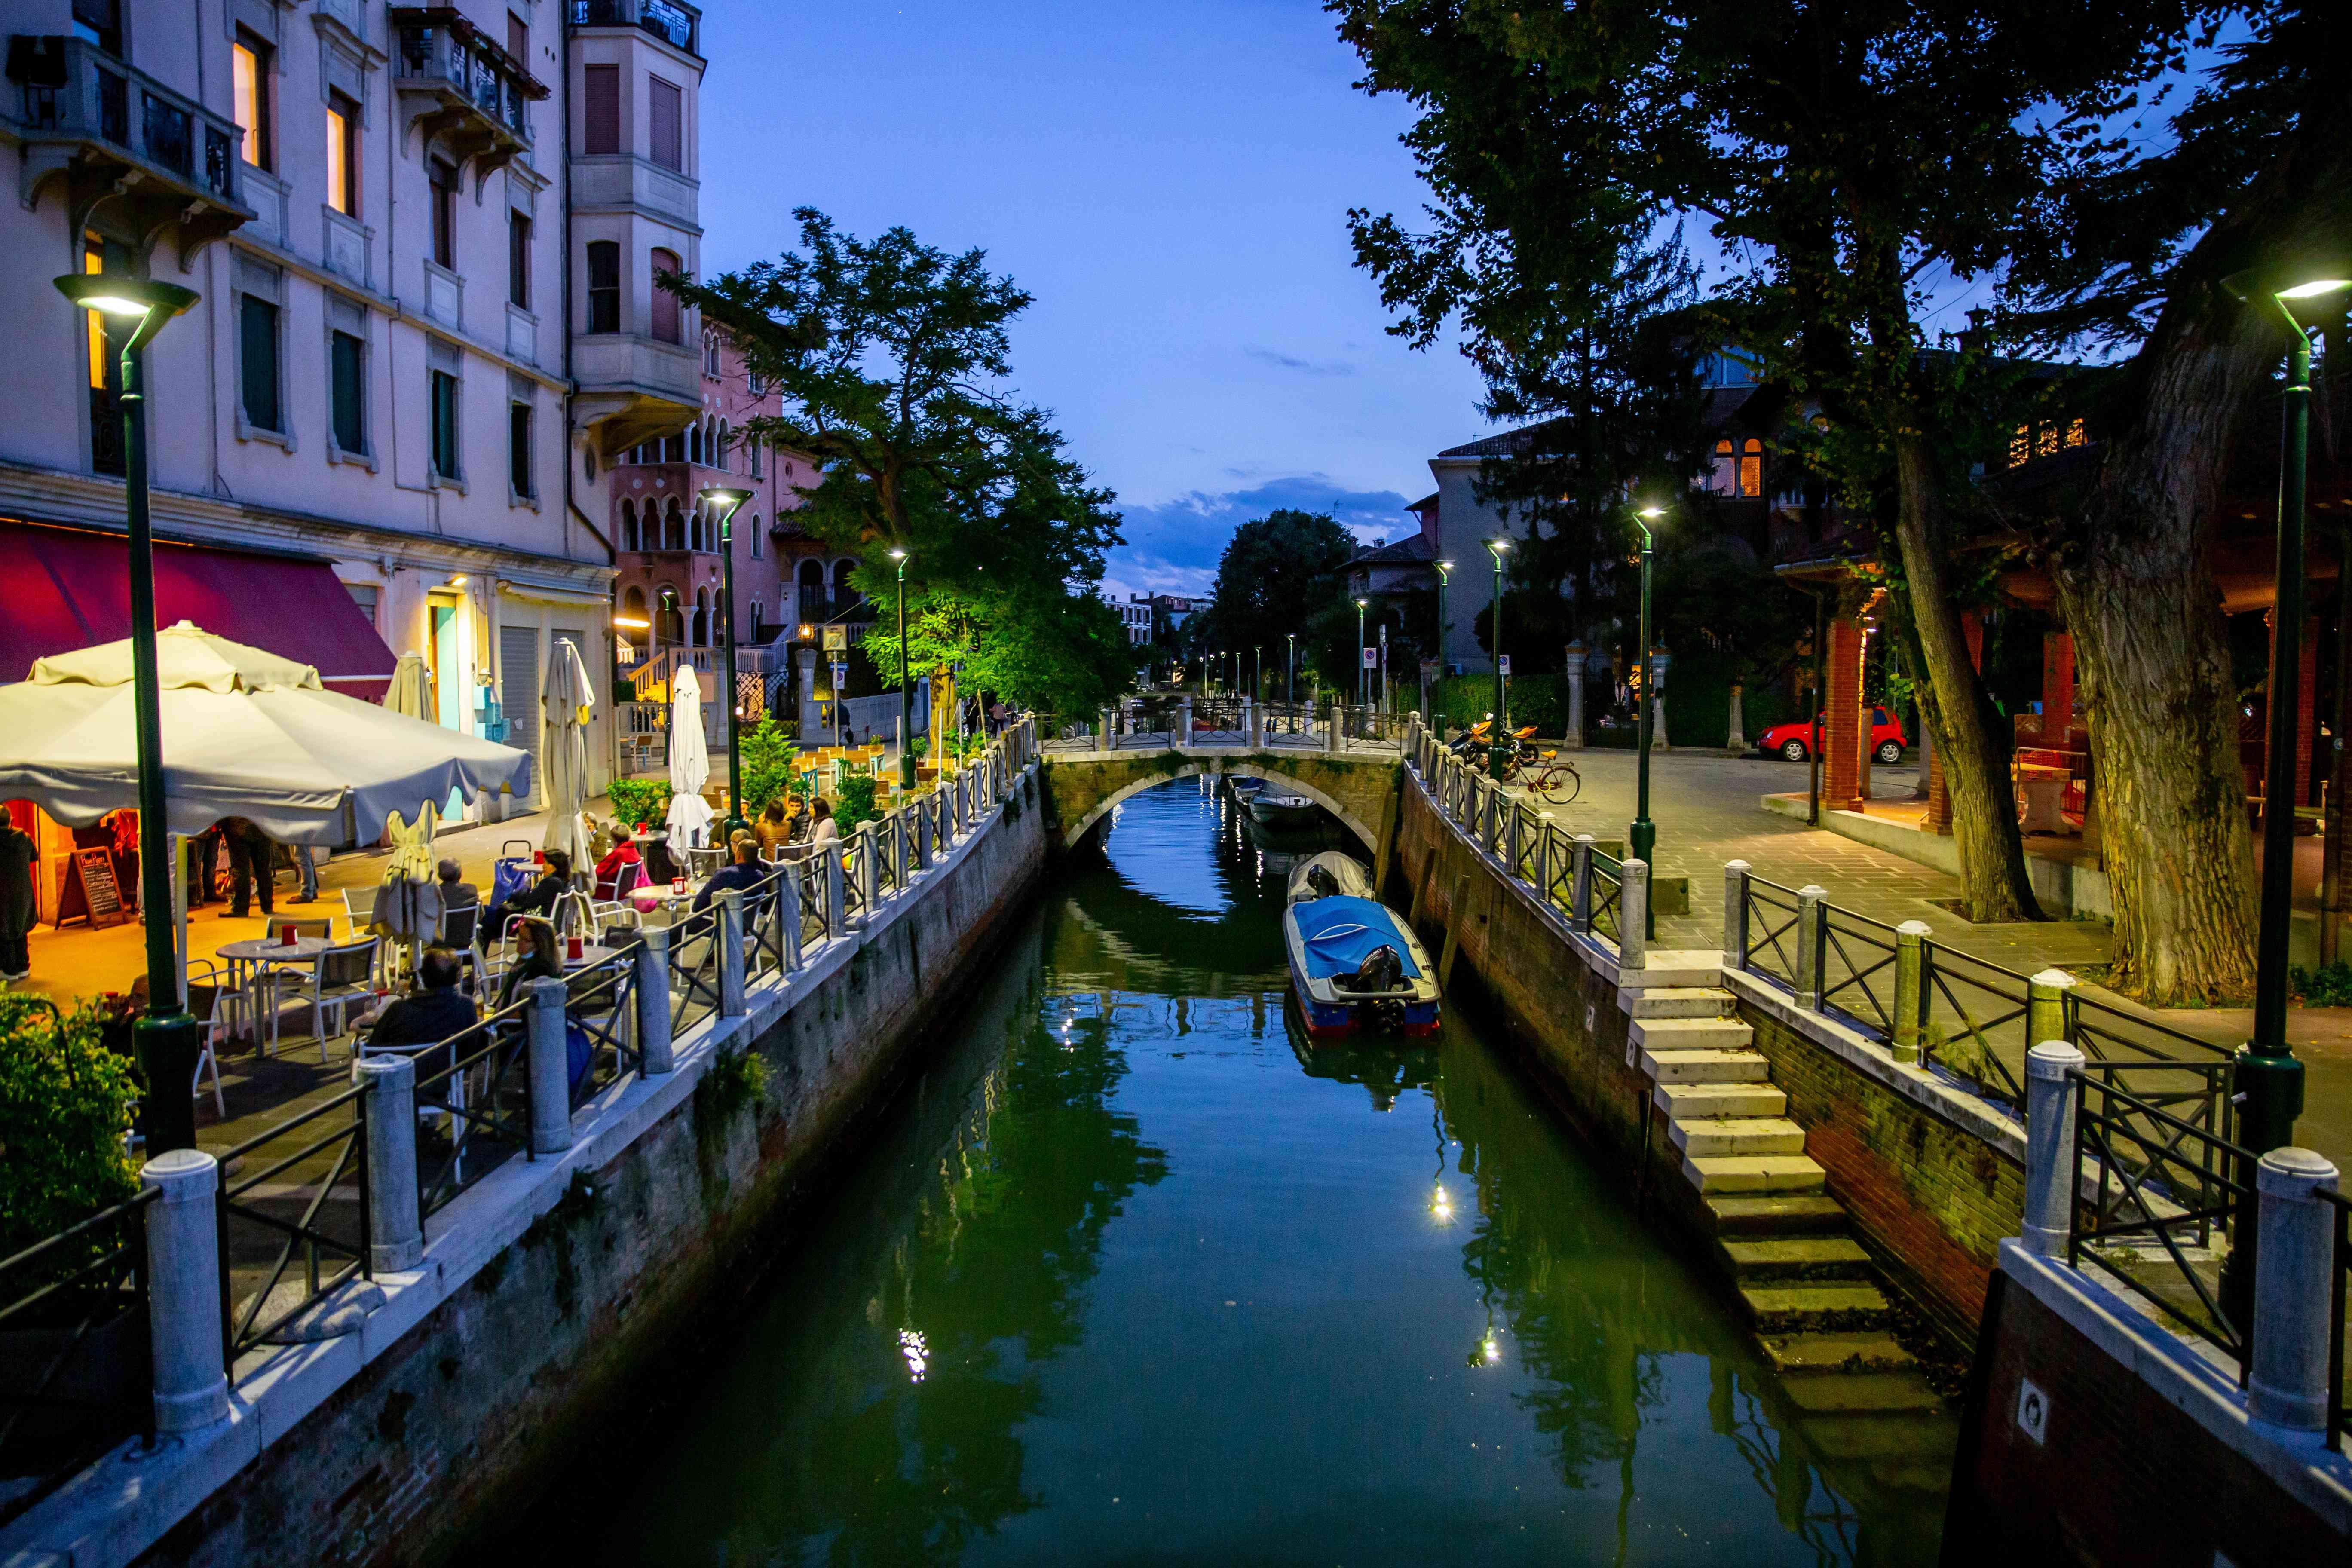 Lido di Venezia, Venice, Italy